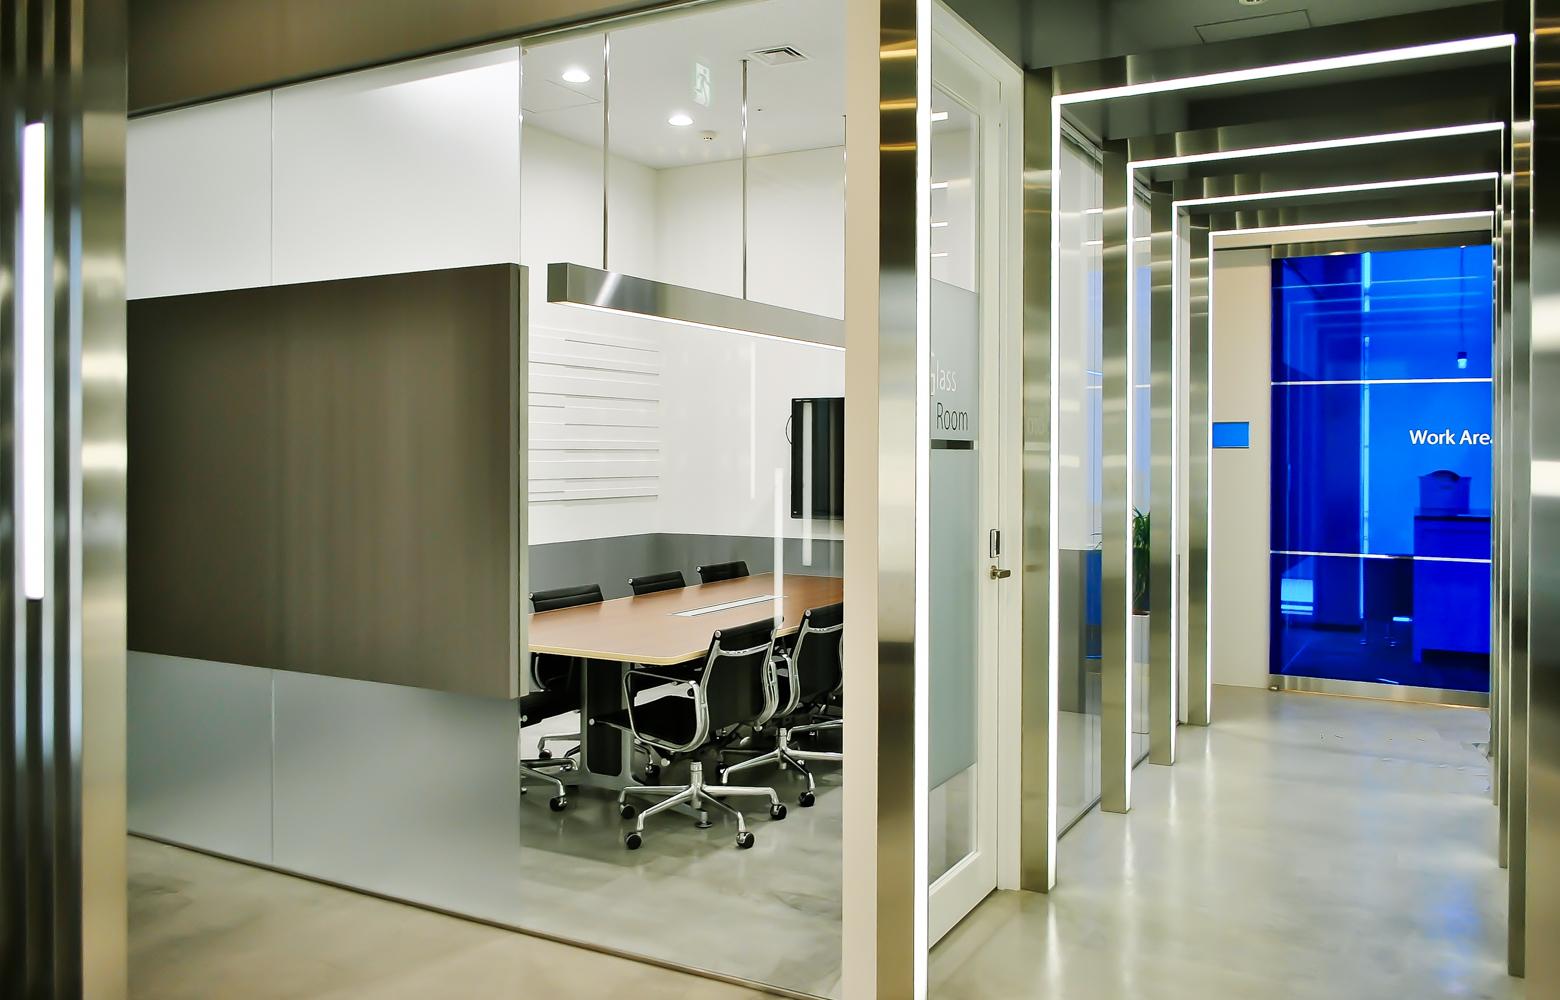 株式会社マイクロアド Entrance_Corridor デザイン・レイアウト事例